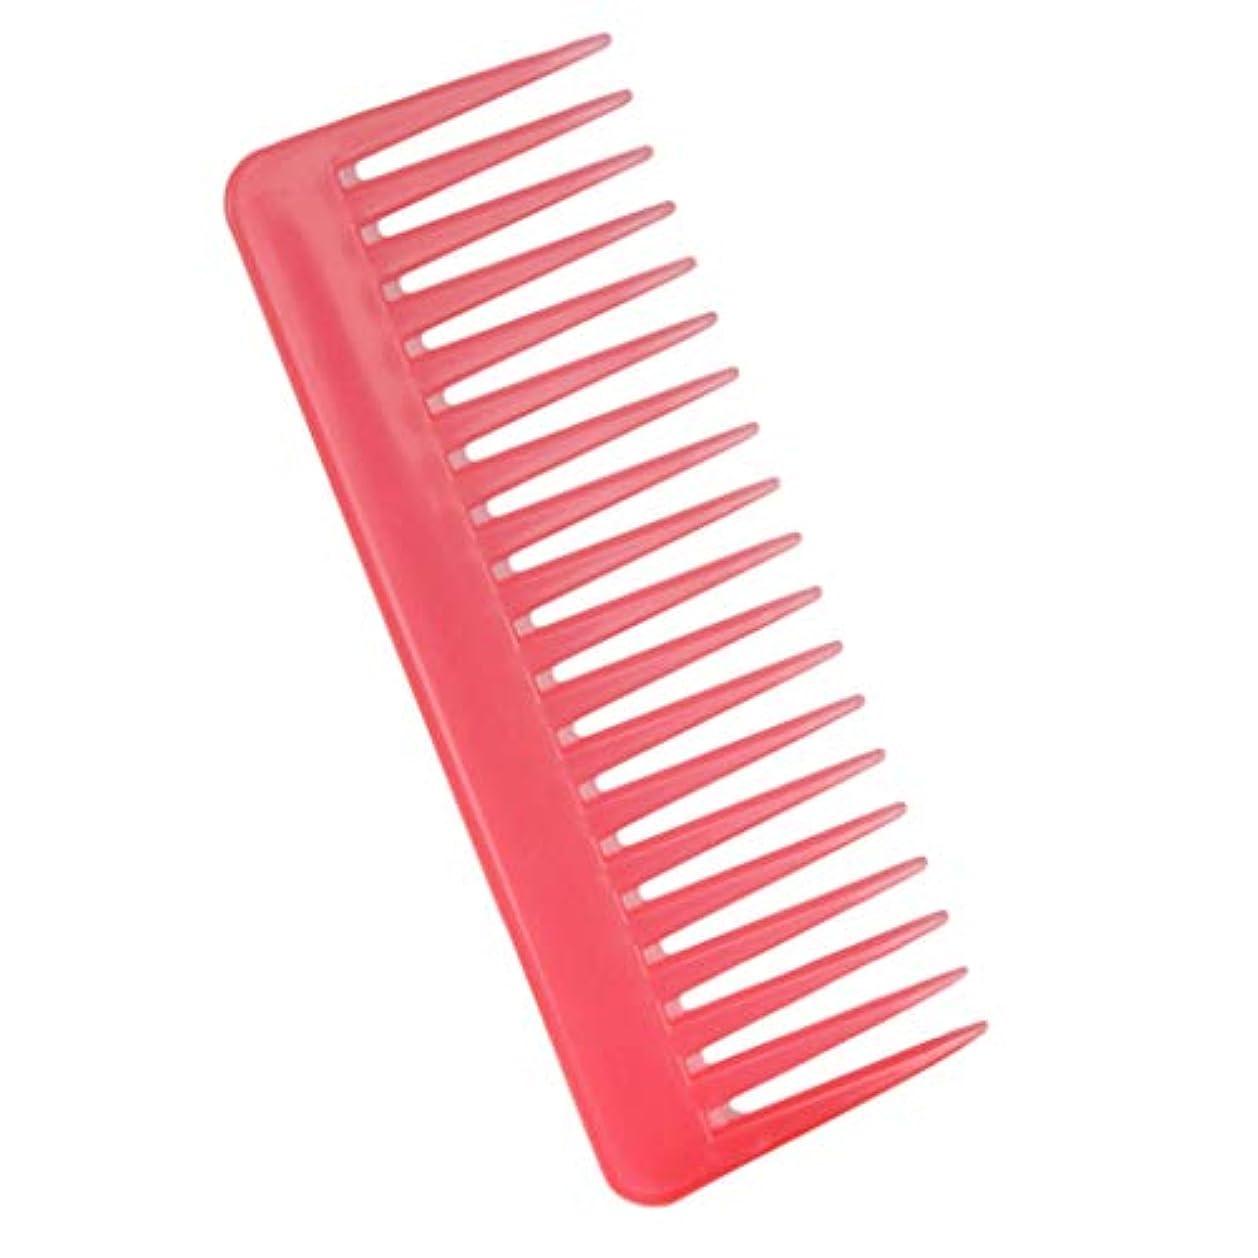 ステッチ王族ゴージャス帯電防止櫛 ヘアケア ヘアブラシ サロン用 自宅用 ヘアコーム 3色選べ - ピンク